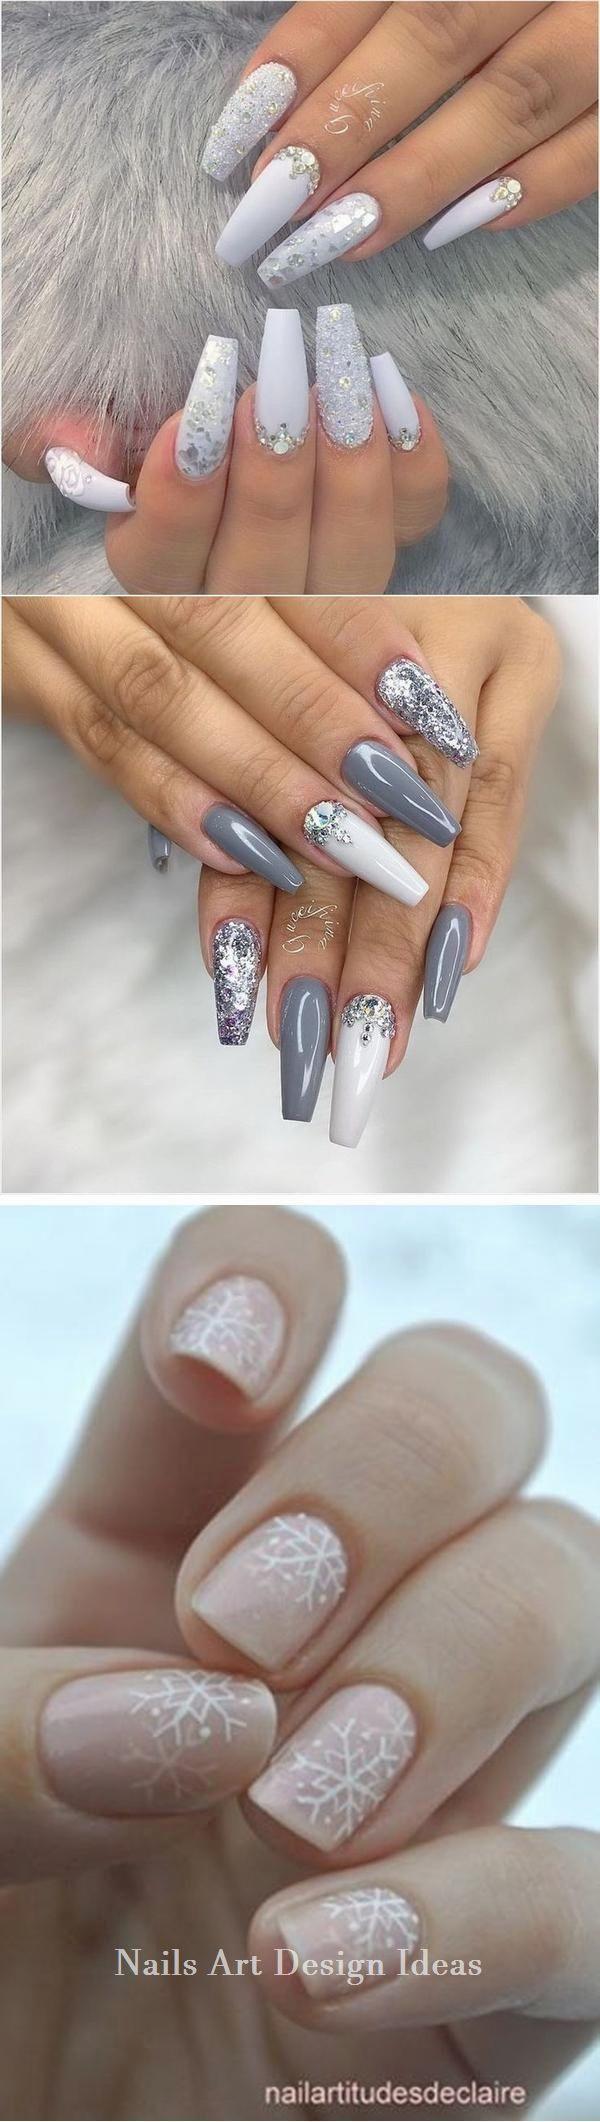 White Nails And Artistic Nail Styles Nailsart Nailscraft White Nail Art White Nails Nails